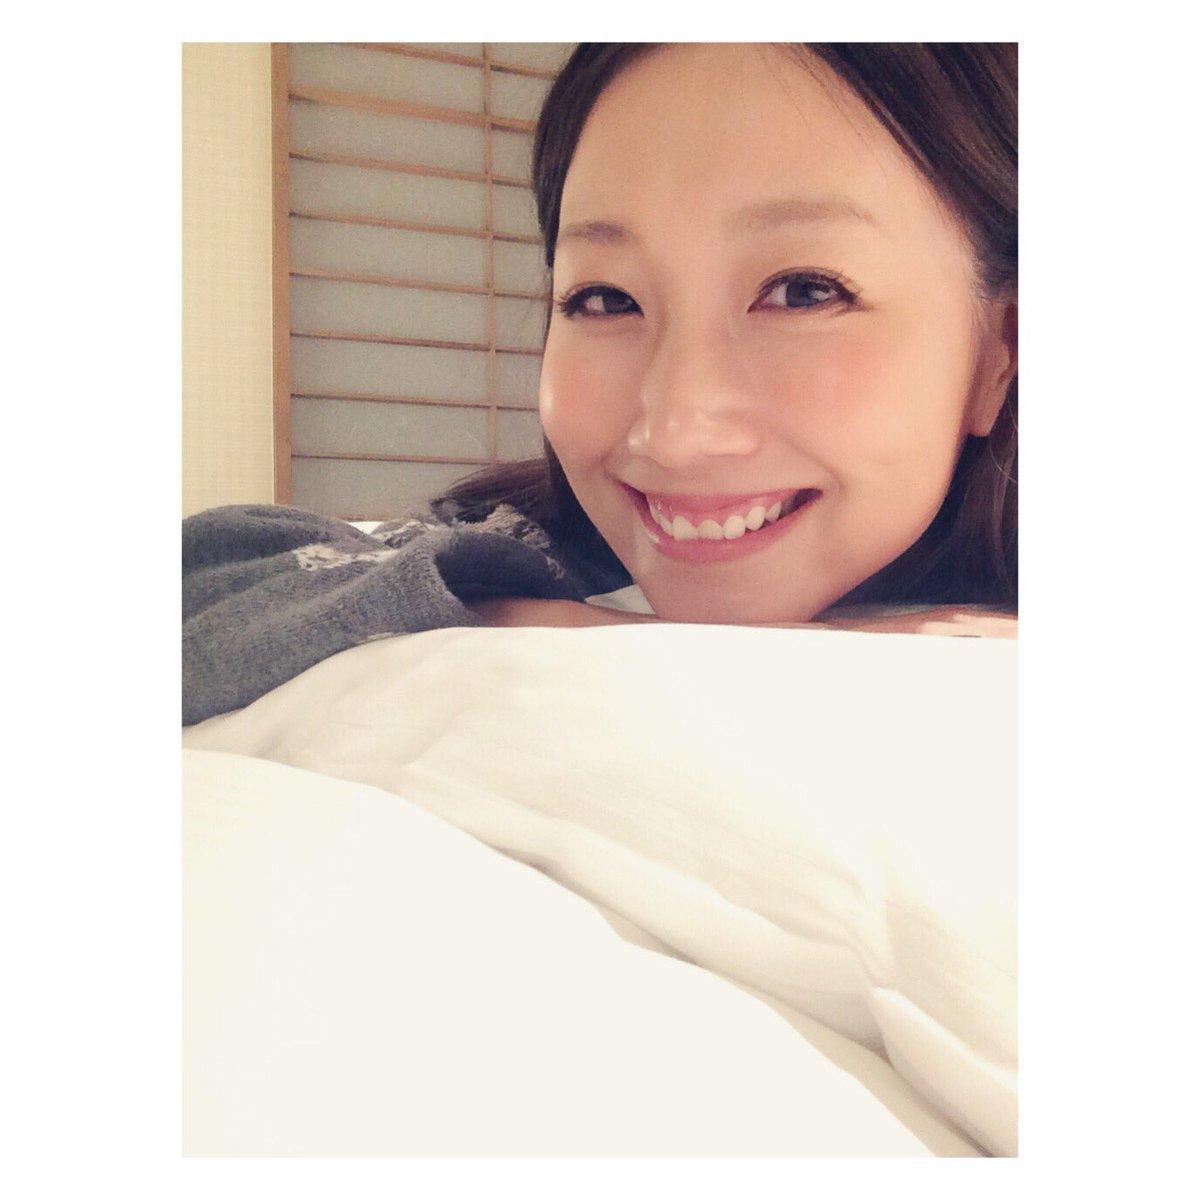 AIO PIANO大阪 ありがとうございました!  ベッドにダイブできる幸せ  たくさんの感謝でいっ…